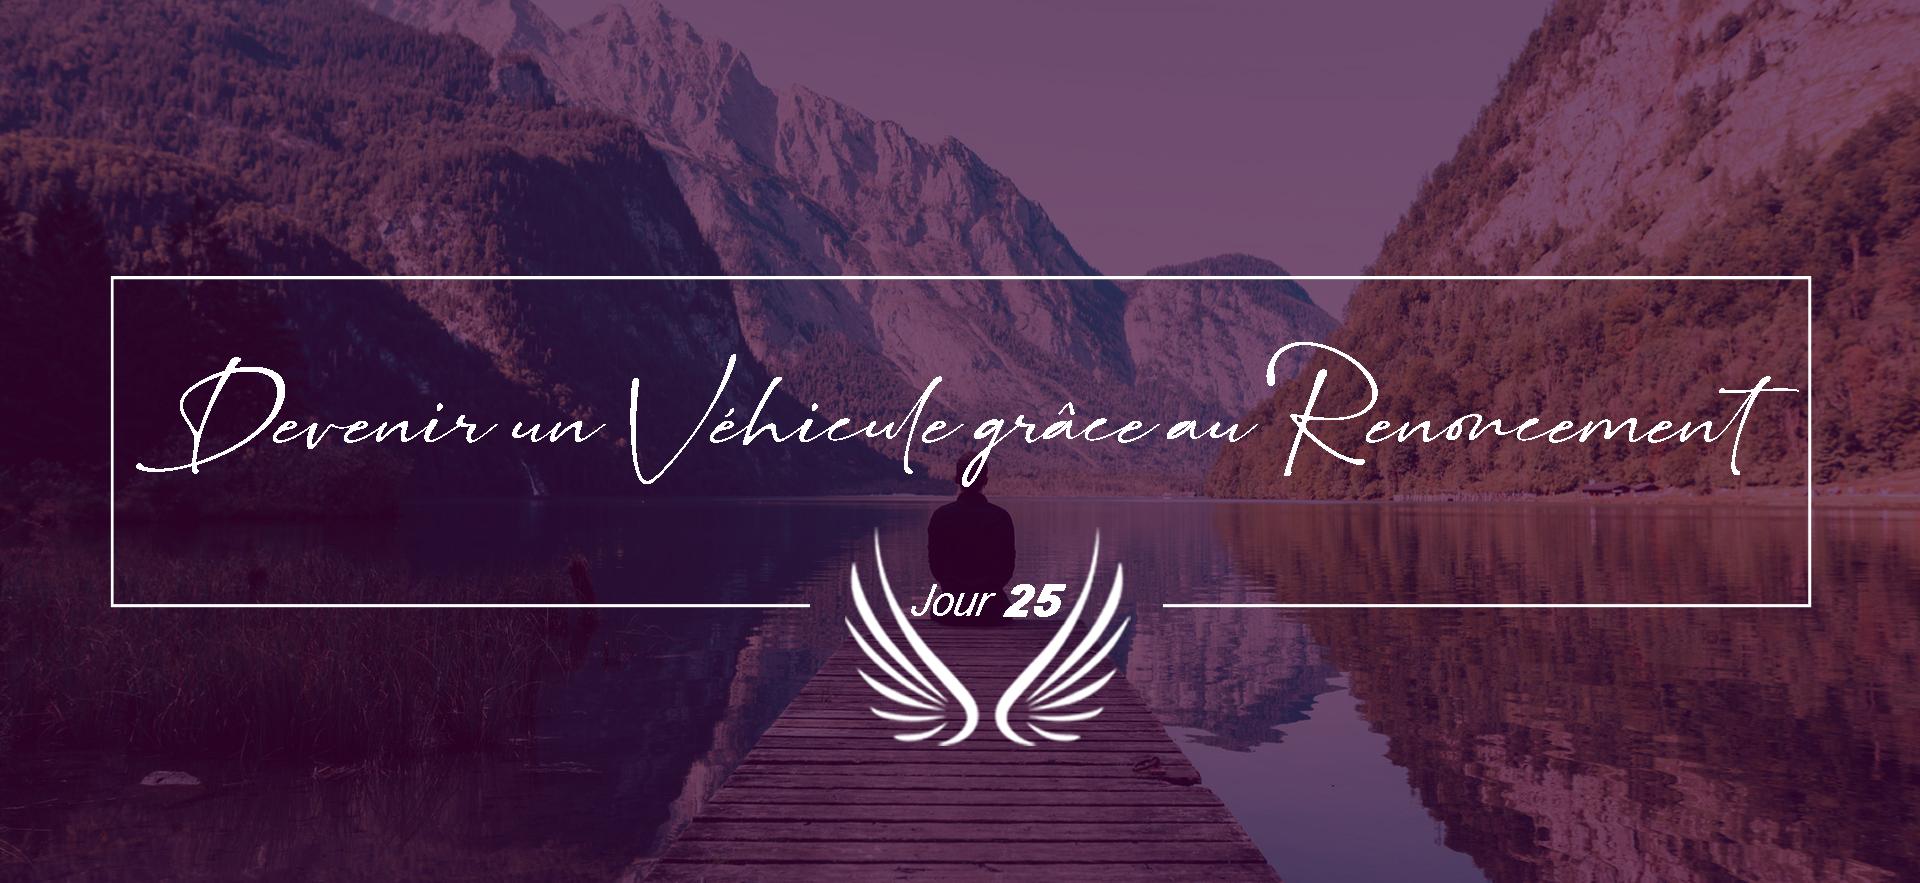 JOUR 25 – DEVENIR UN VEHICULE GRACE AU R